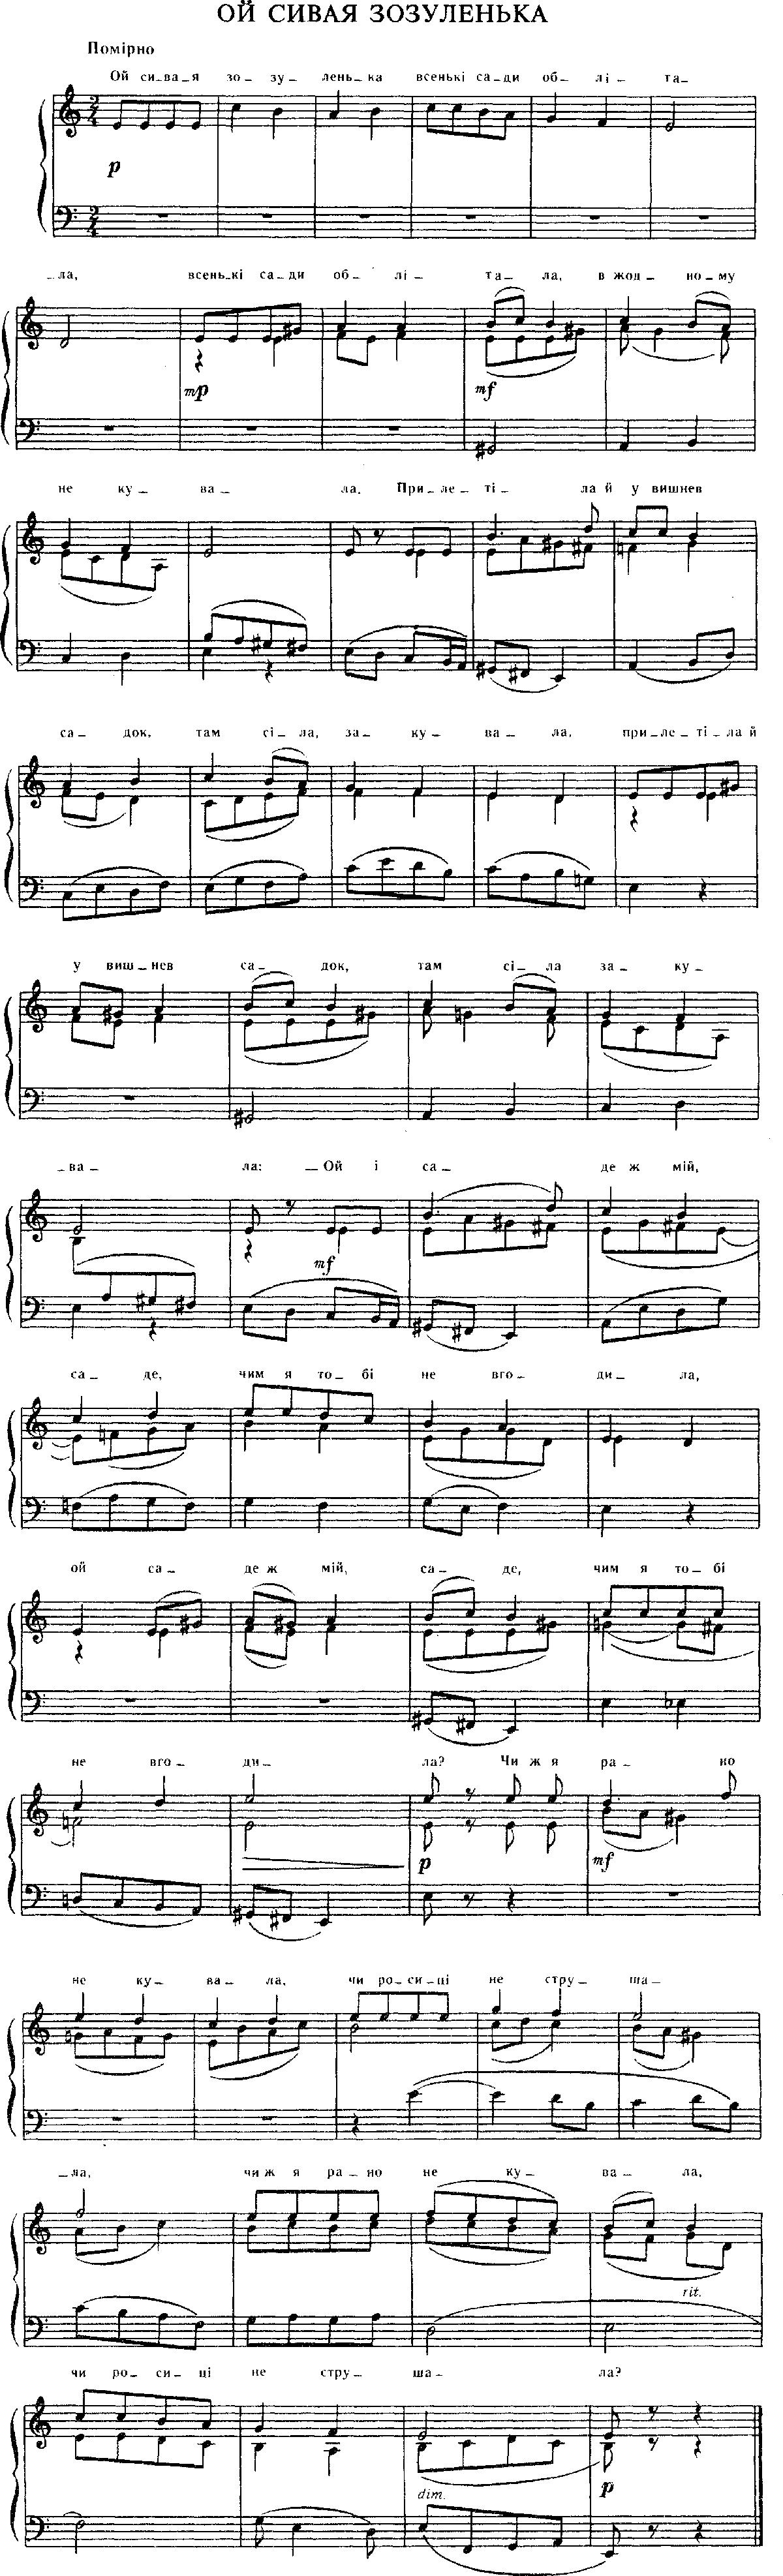 Виктор Цой - Алюминиевые огурцы, аккорды для гитары 16